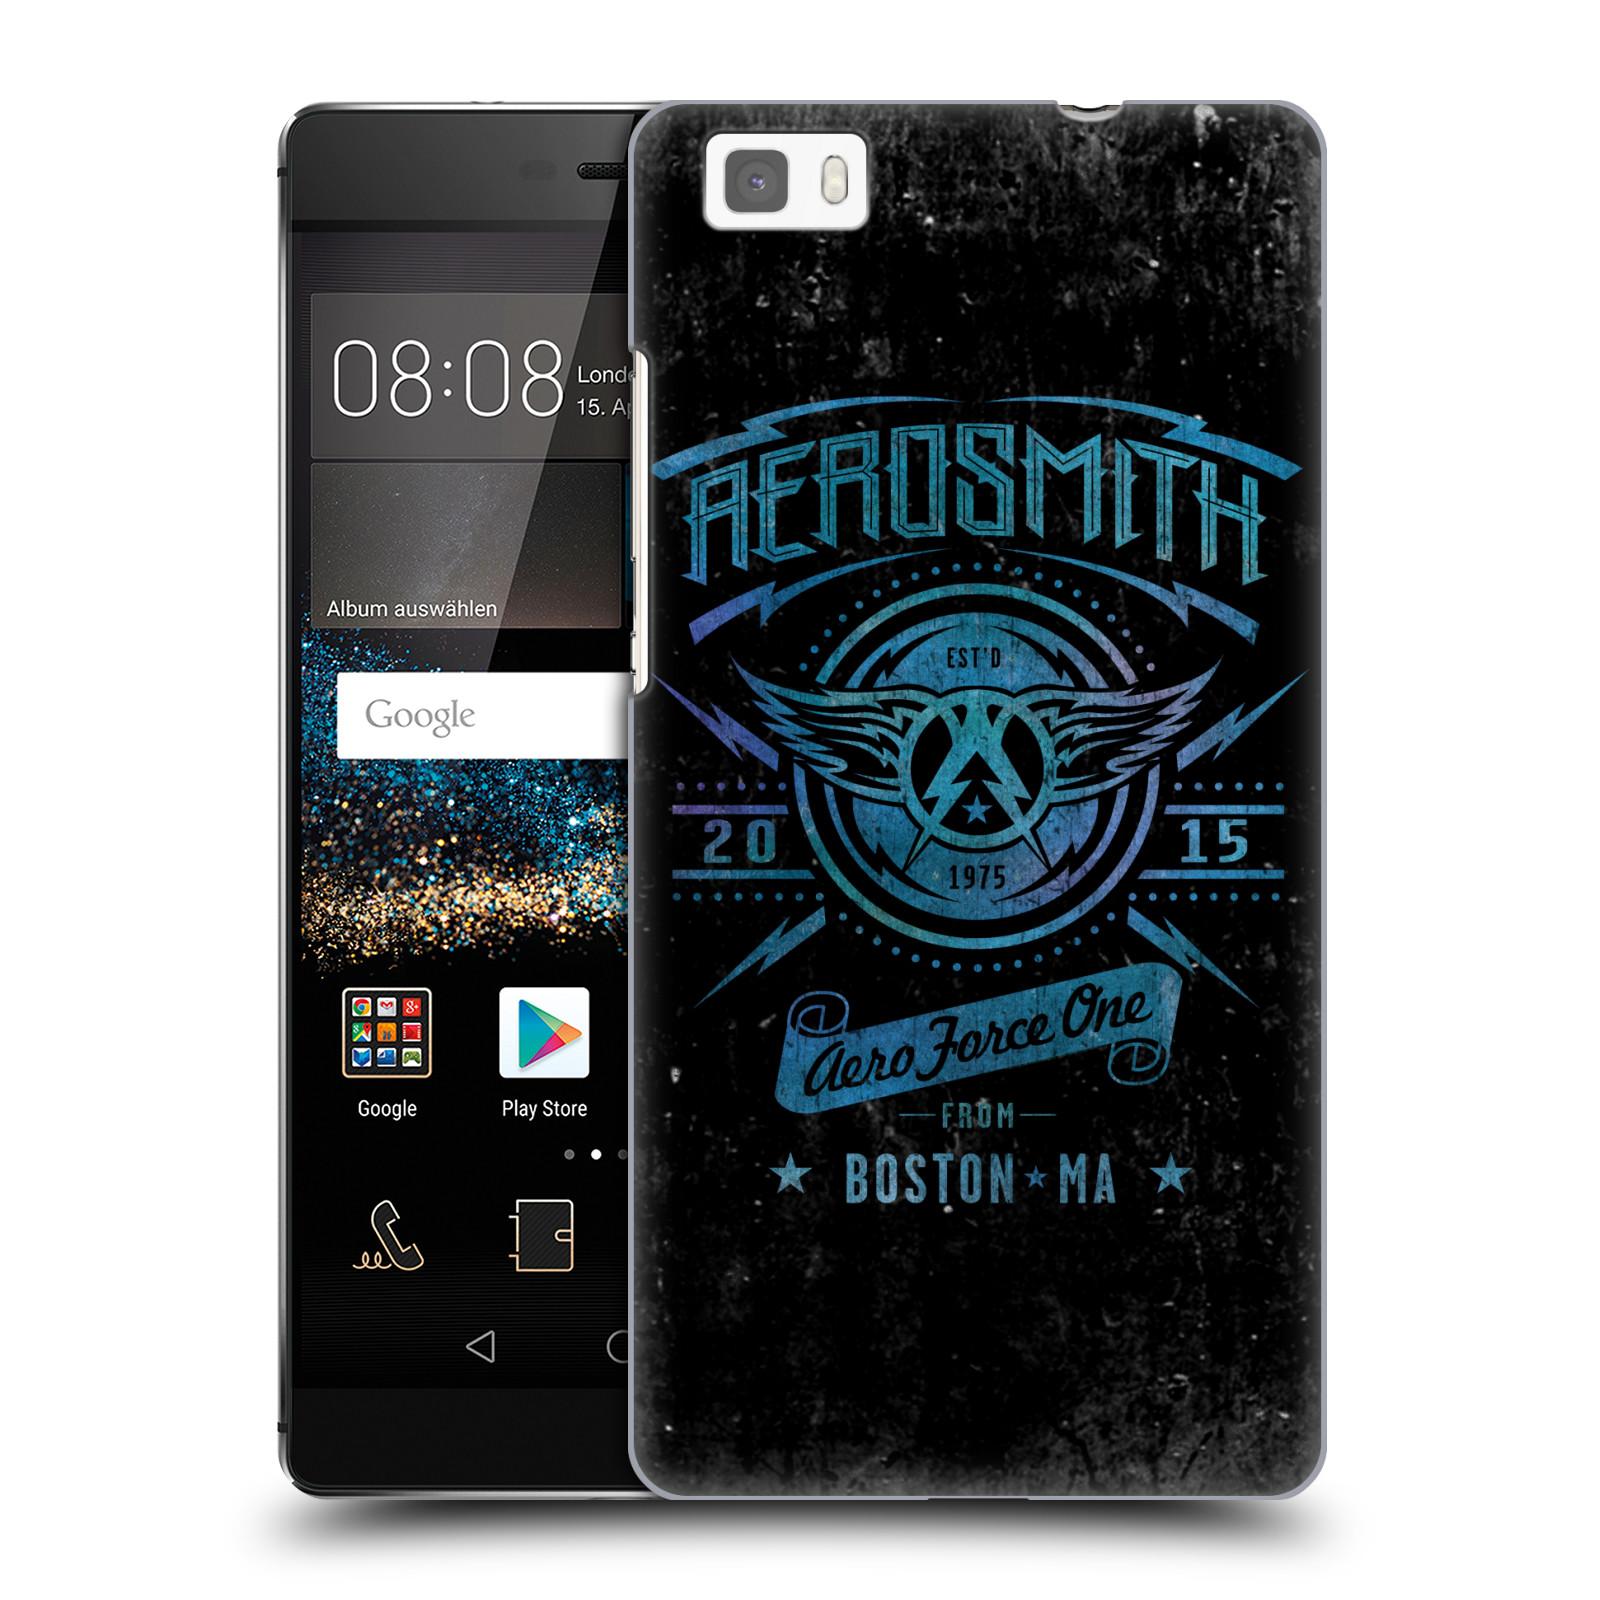 Plastové pouzdro na mobil Huawei P8 Lite HEAD CASE - Aerosmith - Aero Force One